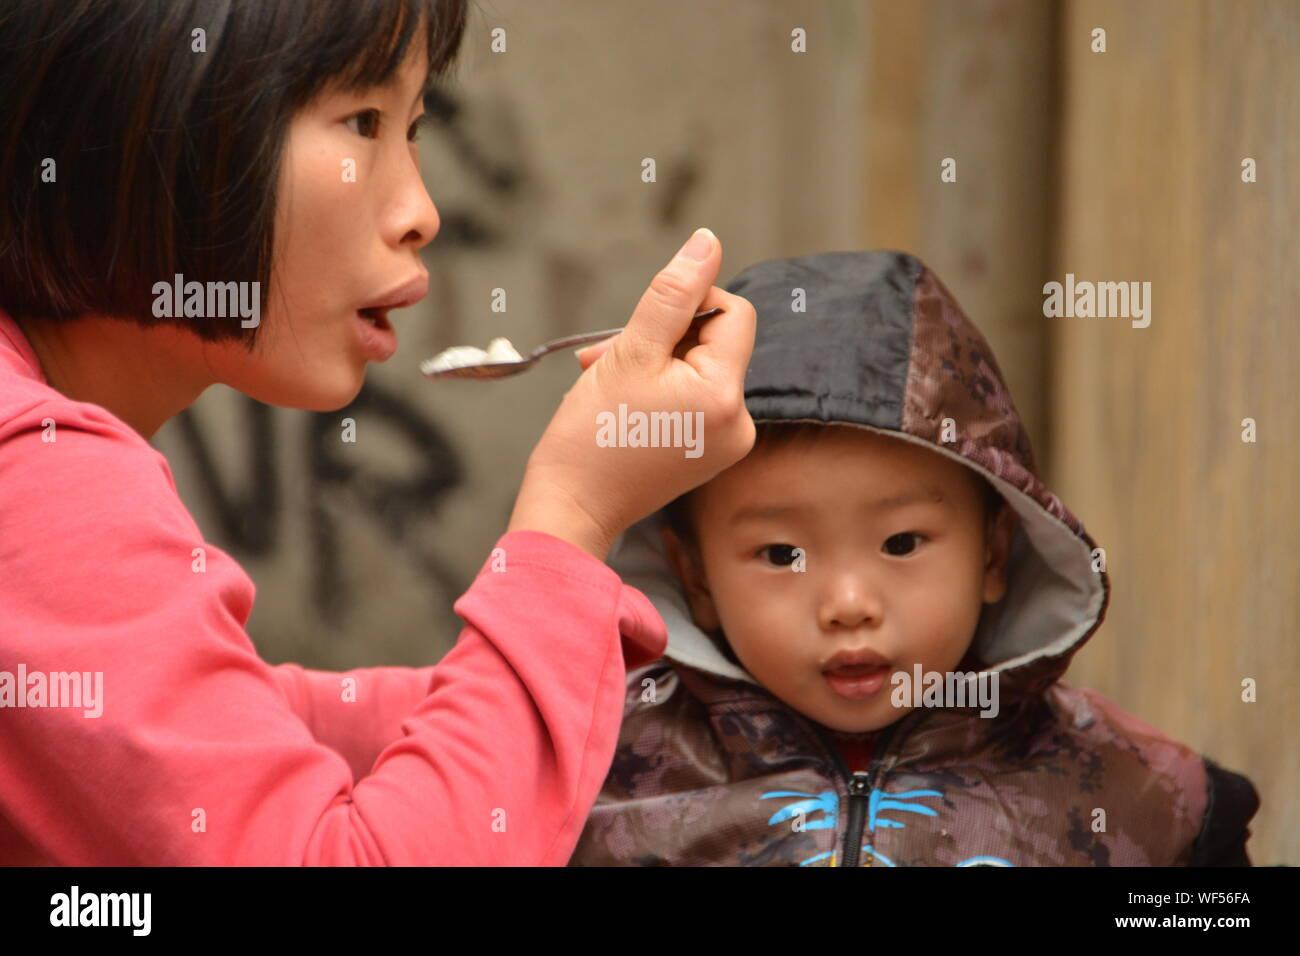 La mère et le fils de manger des aliments Banque D'Images